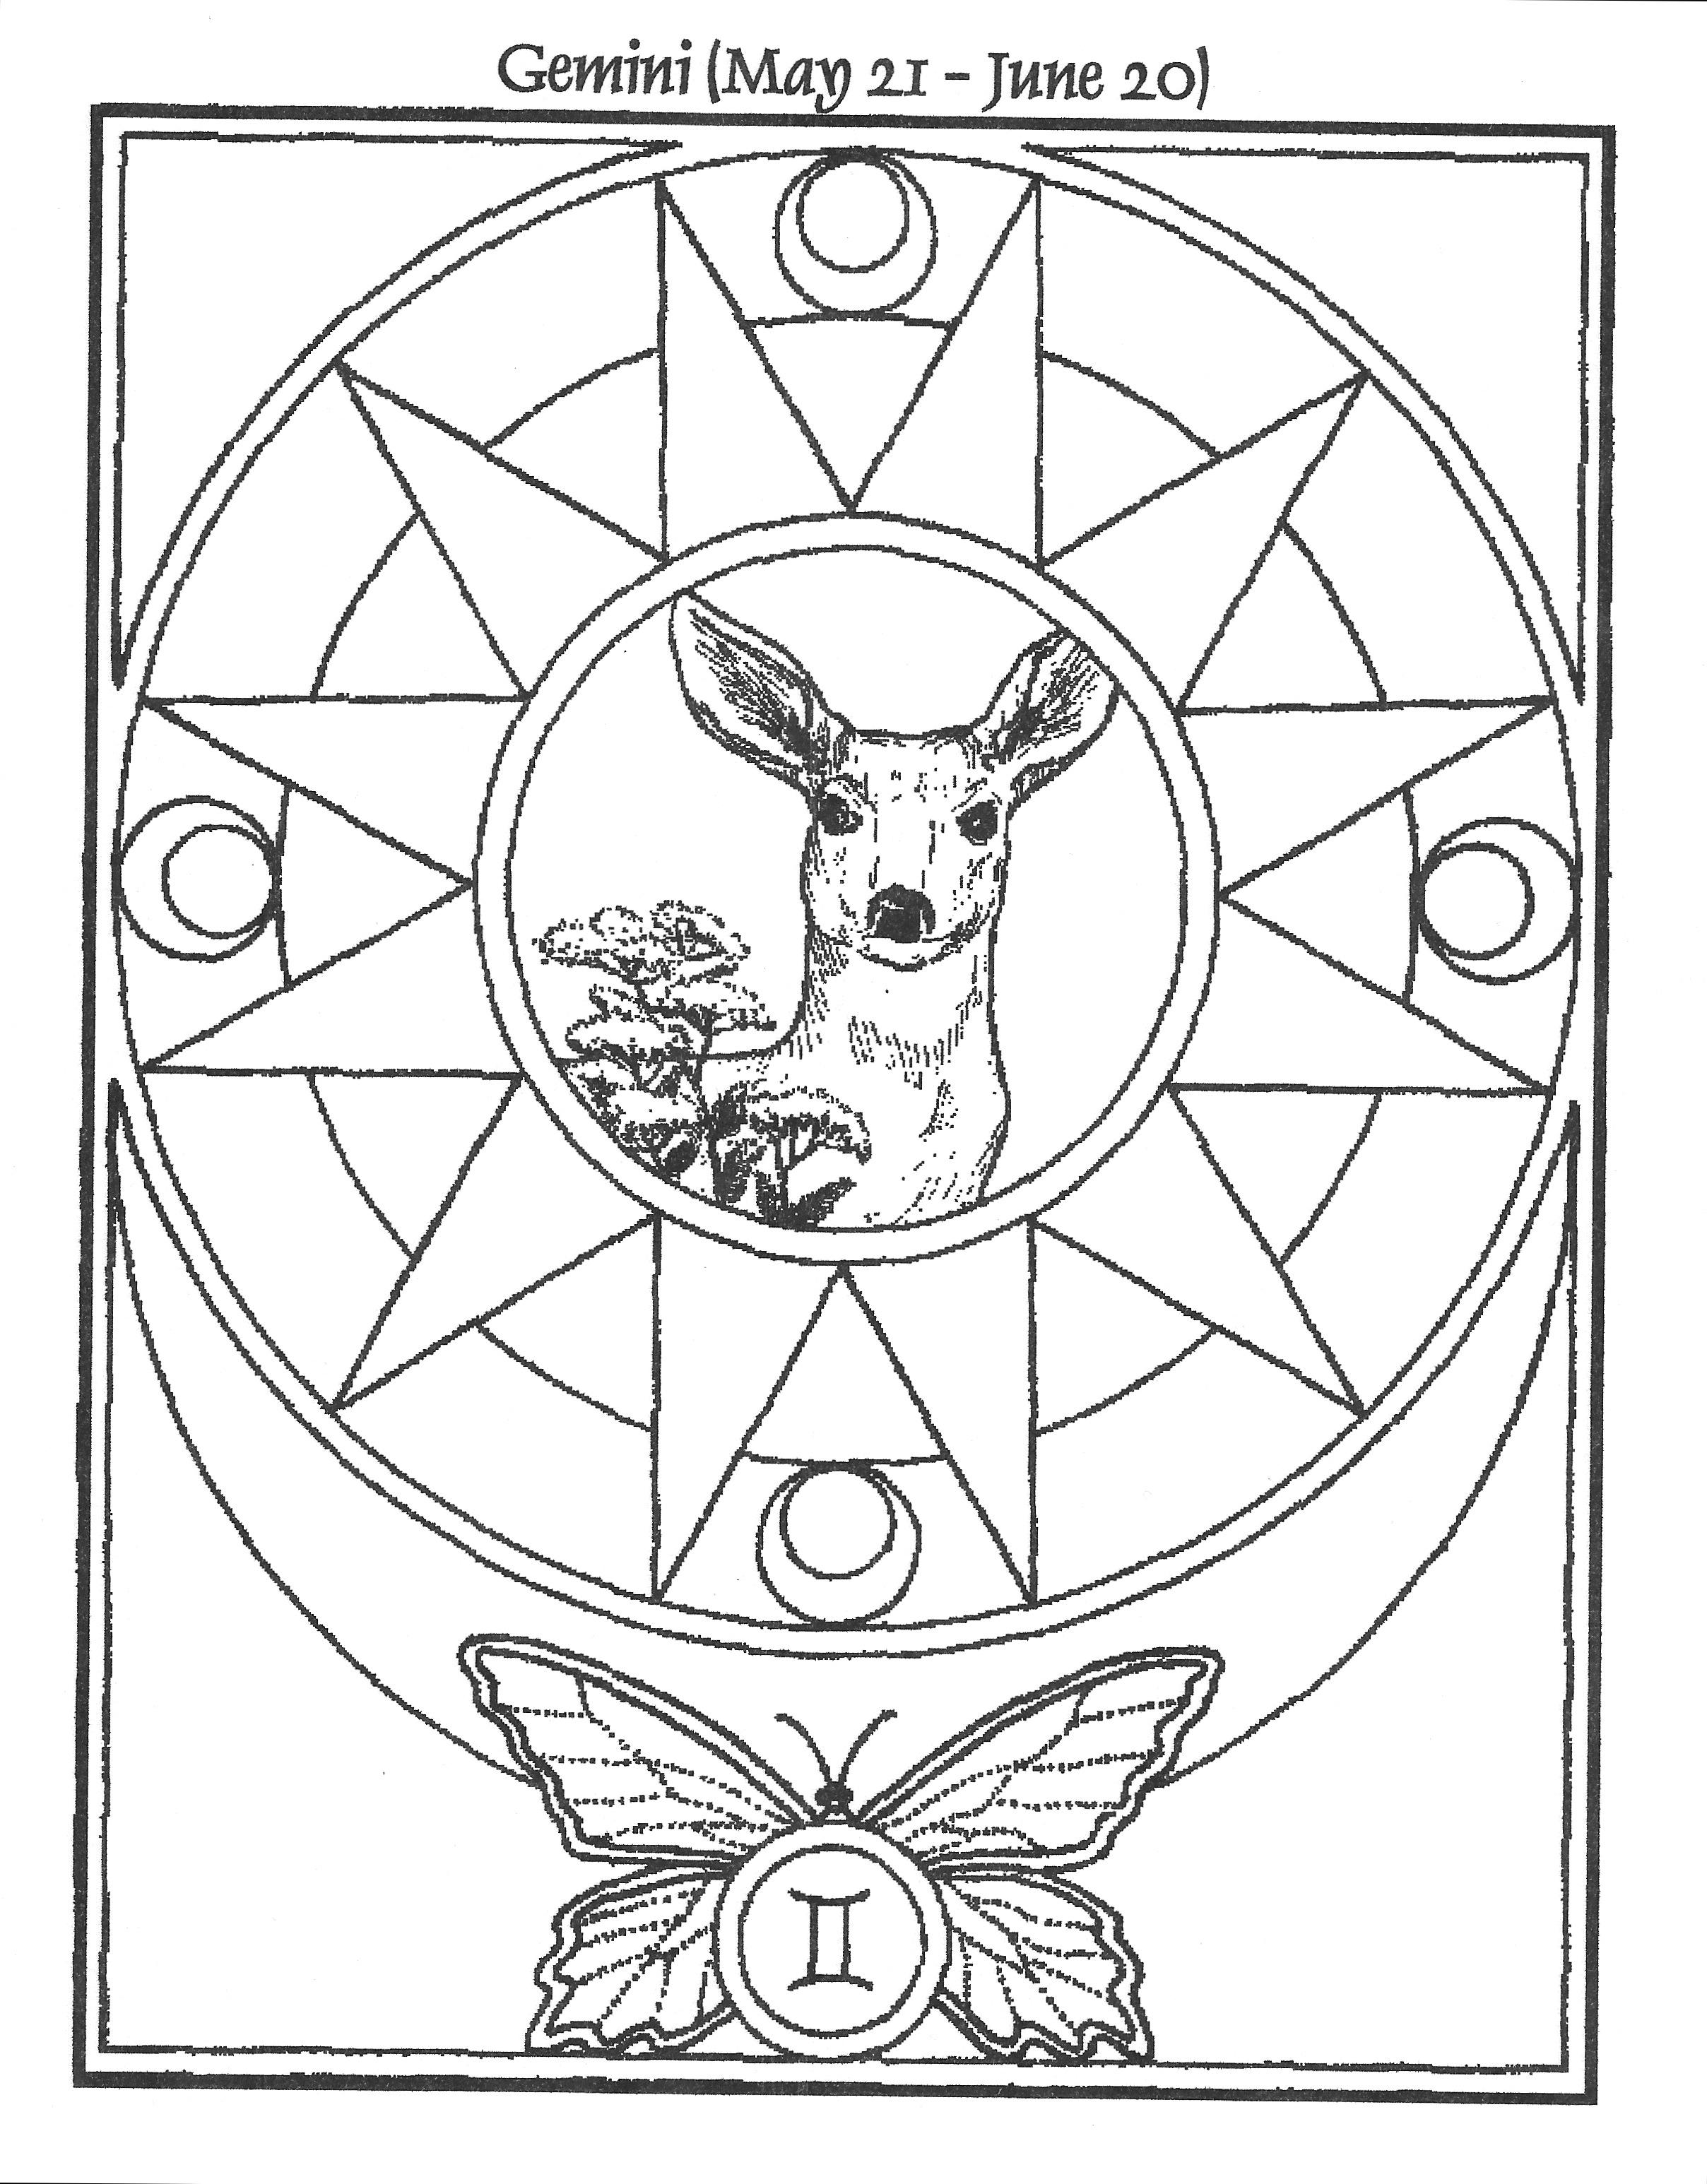 Gemini-Poster